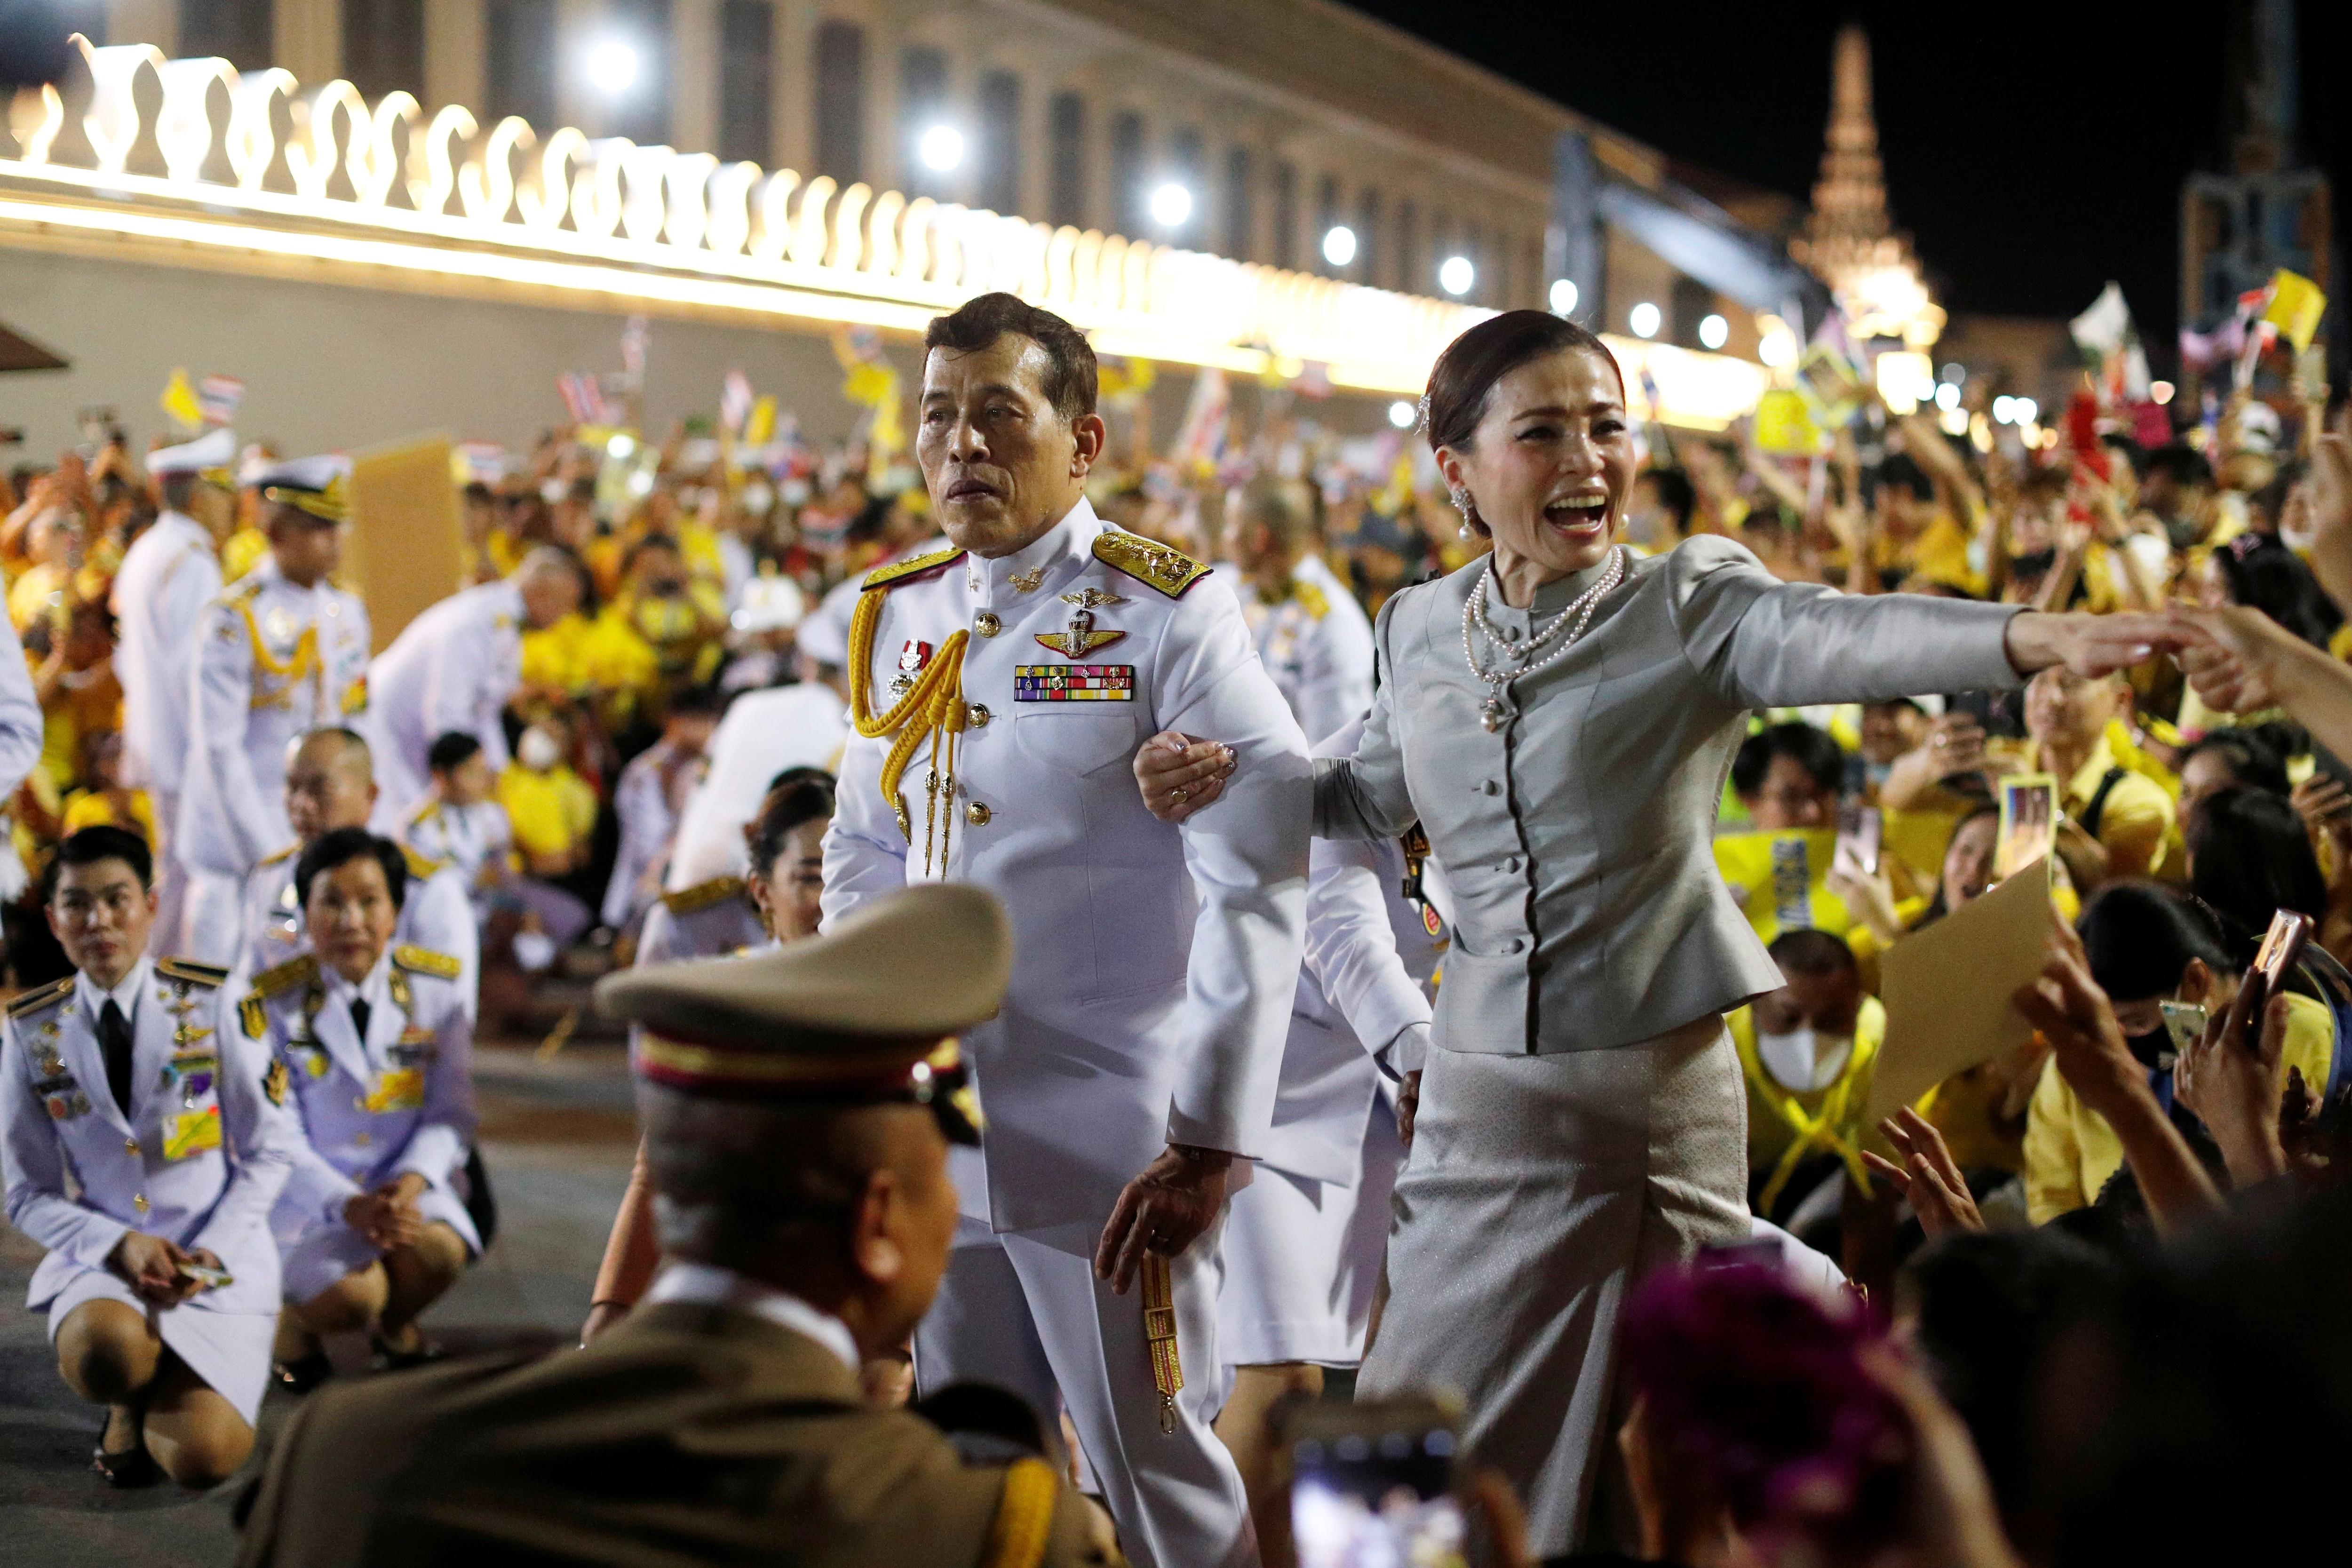 El rey Maha Vajiralongkorn y la reina Suthida durante una manifestación pro monarquía en Bankok (REUTERS/Jorge Silva)